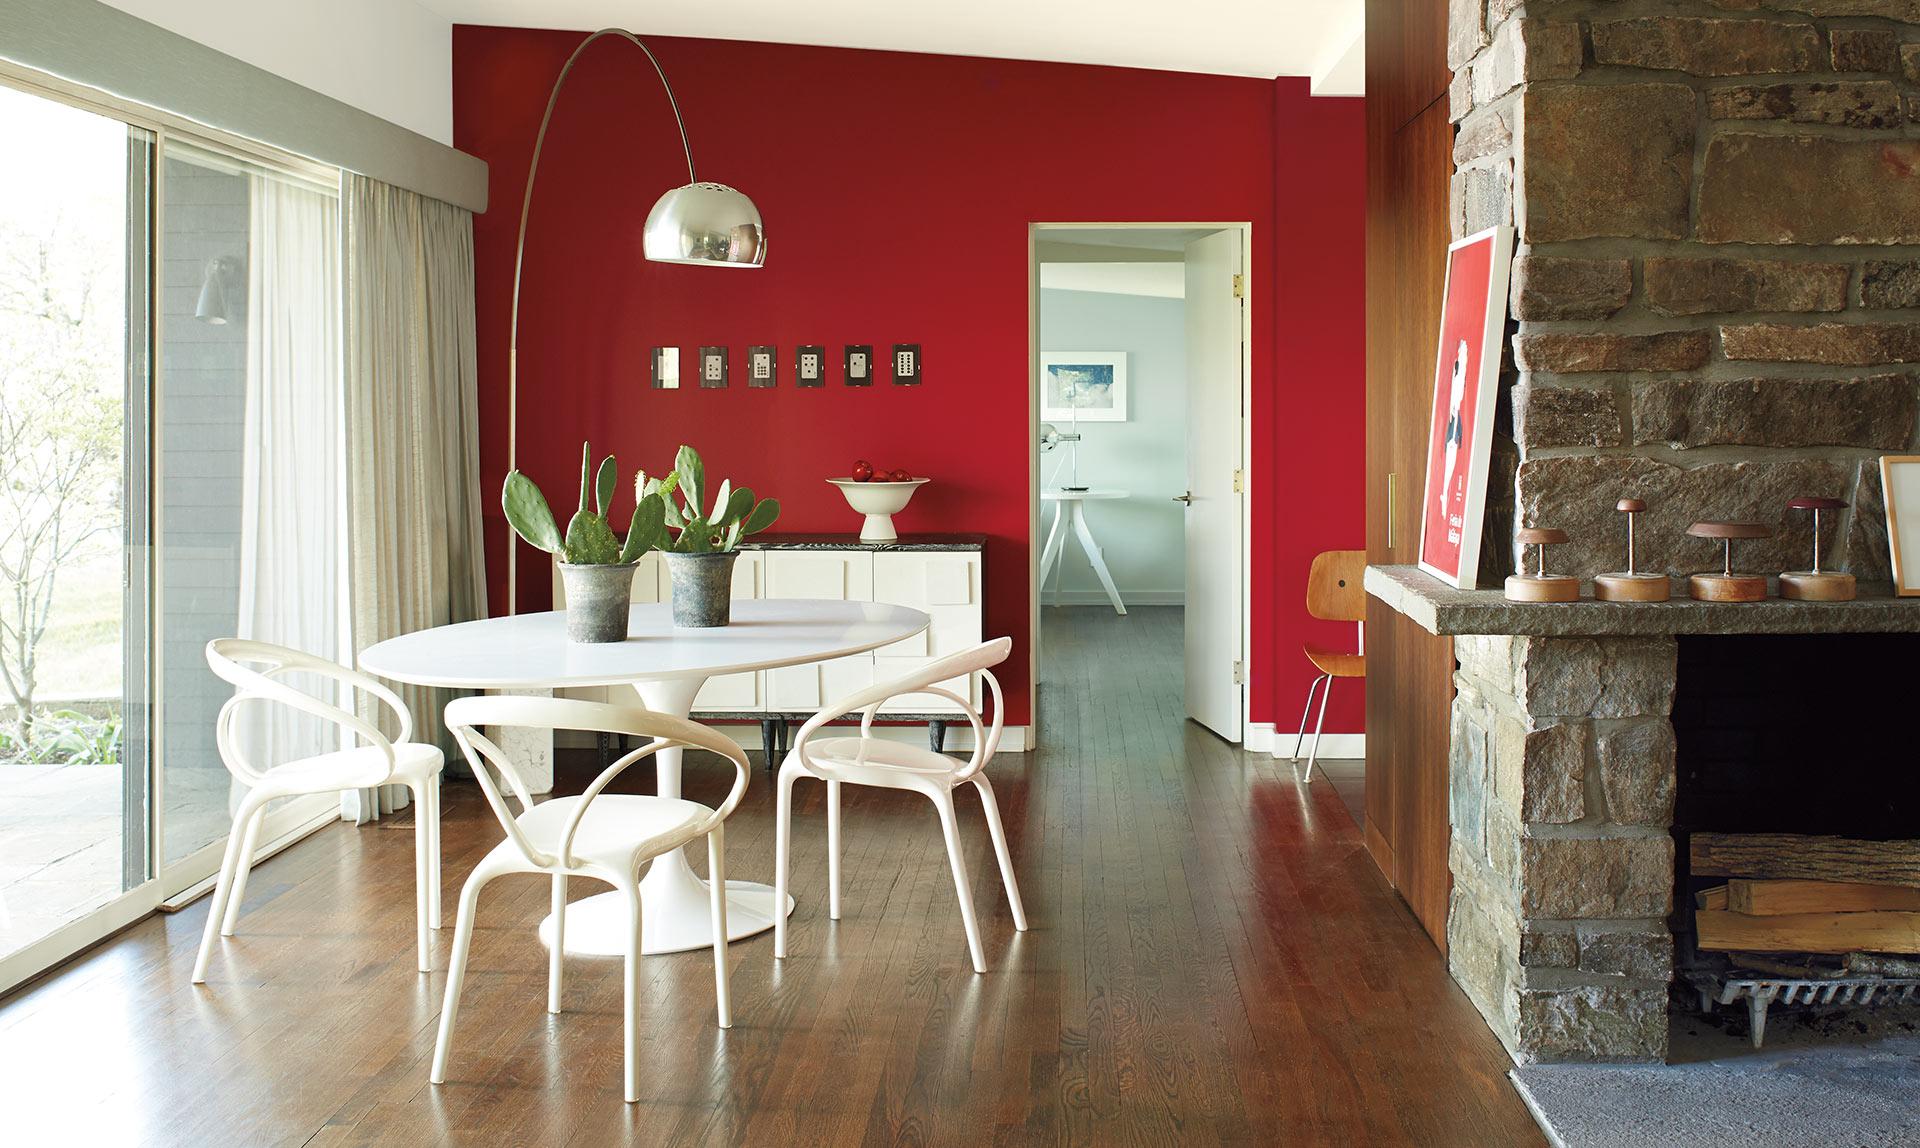 Сочетание красного и белого цветов в интерьере